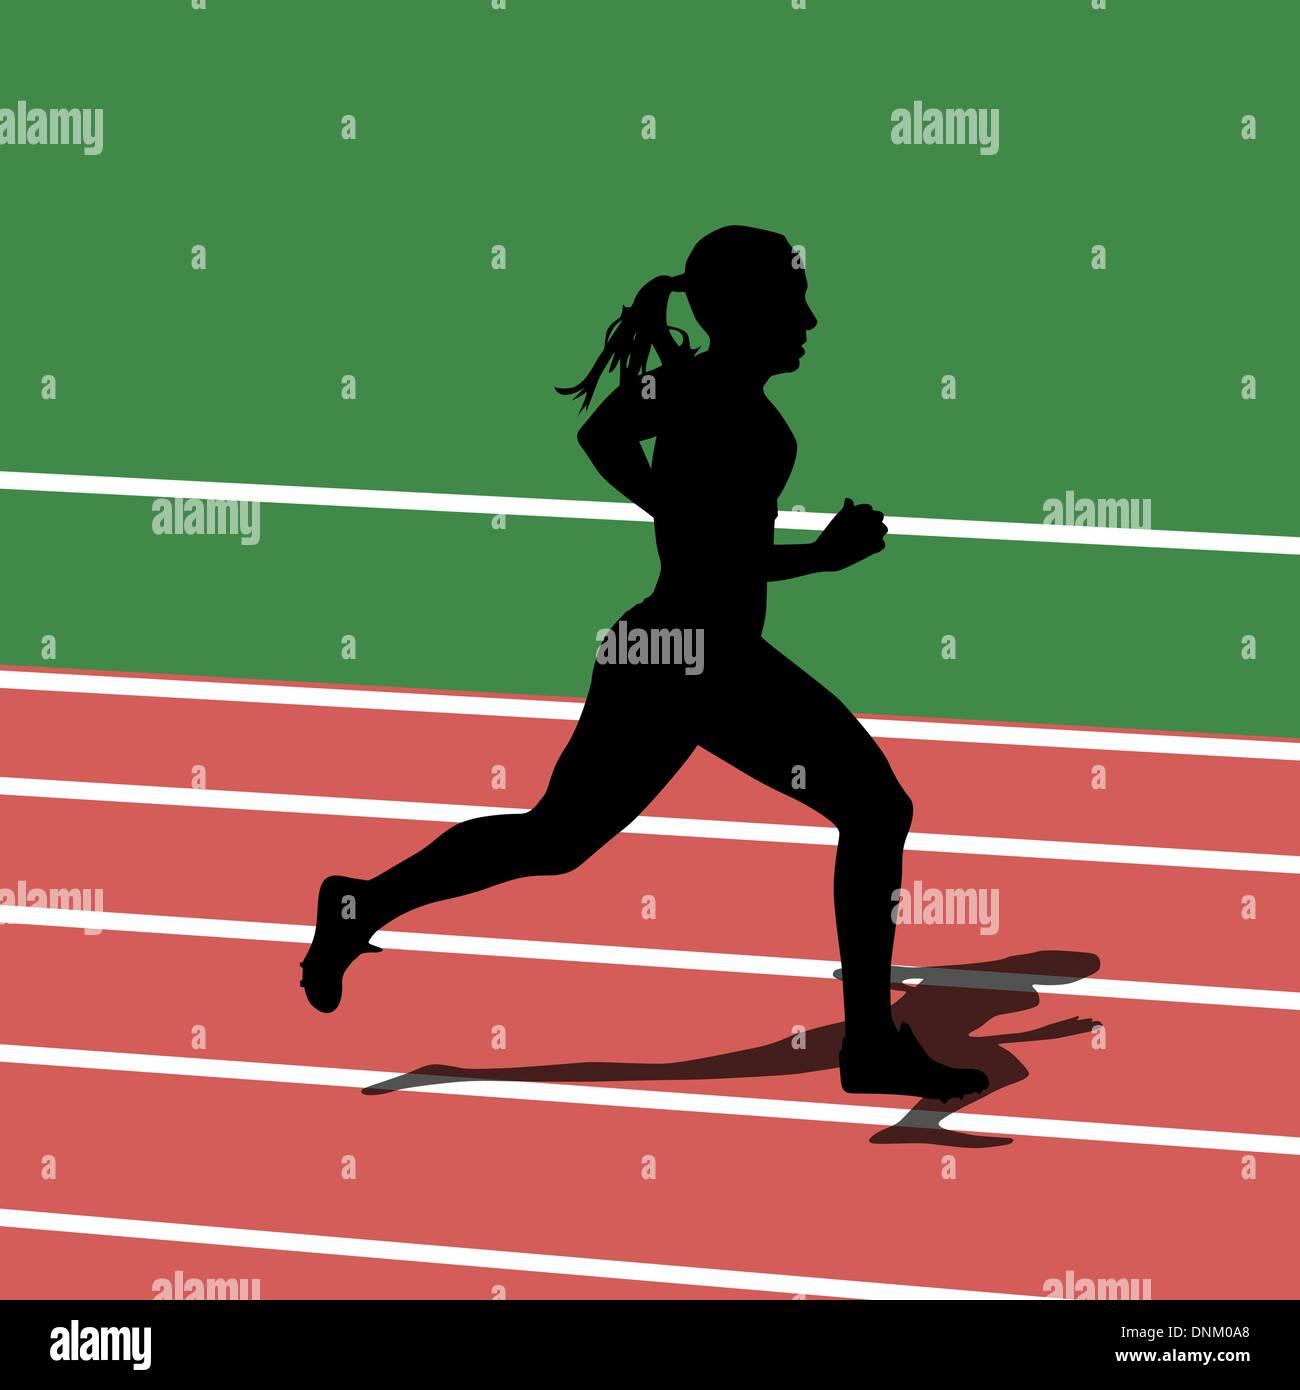 Ejecutando siluetas en estadio deportivo. Ilustración vectorial. Imagen De Stock